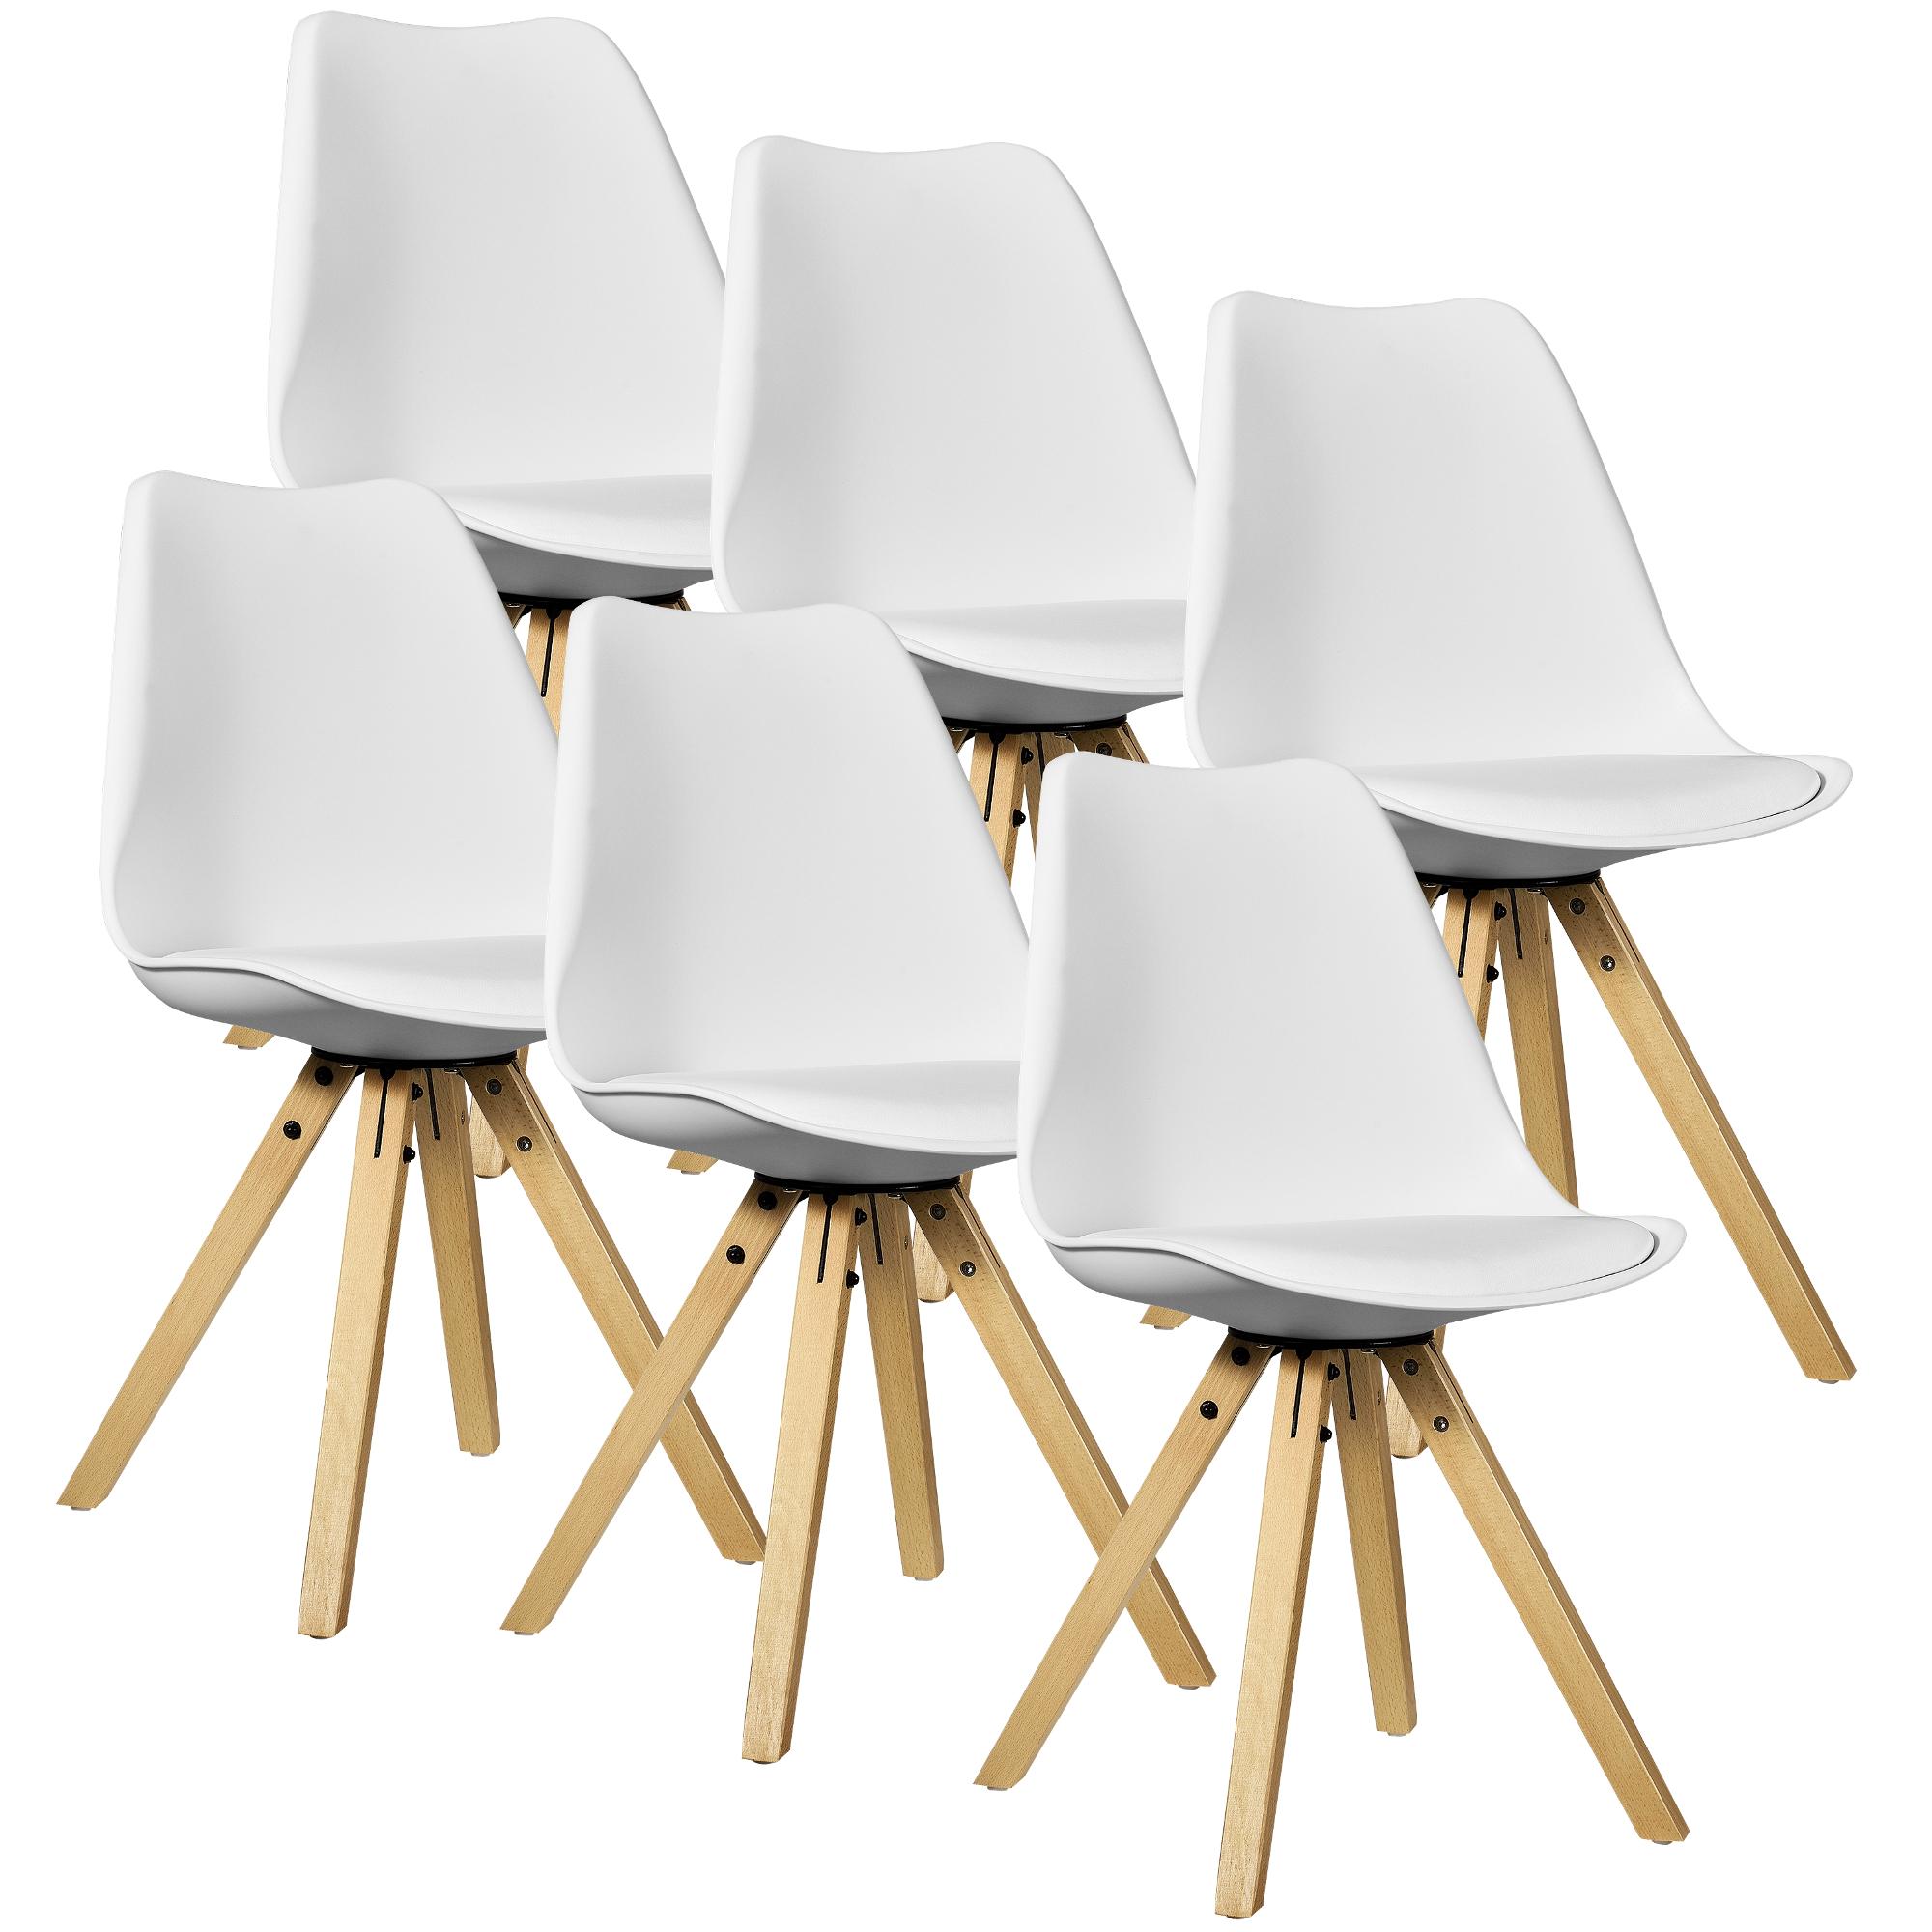 [en.casa] 6x Design Stühle Esszimmer Weiß Stuhl Holz Plastik Kunst Leder